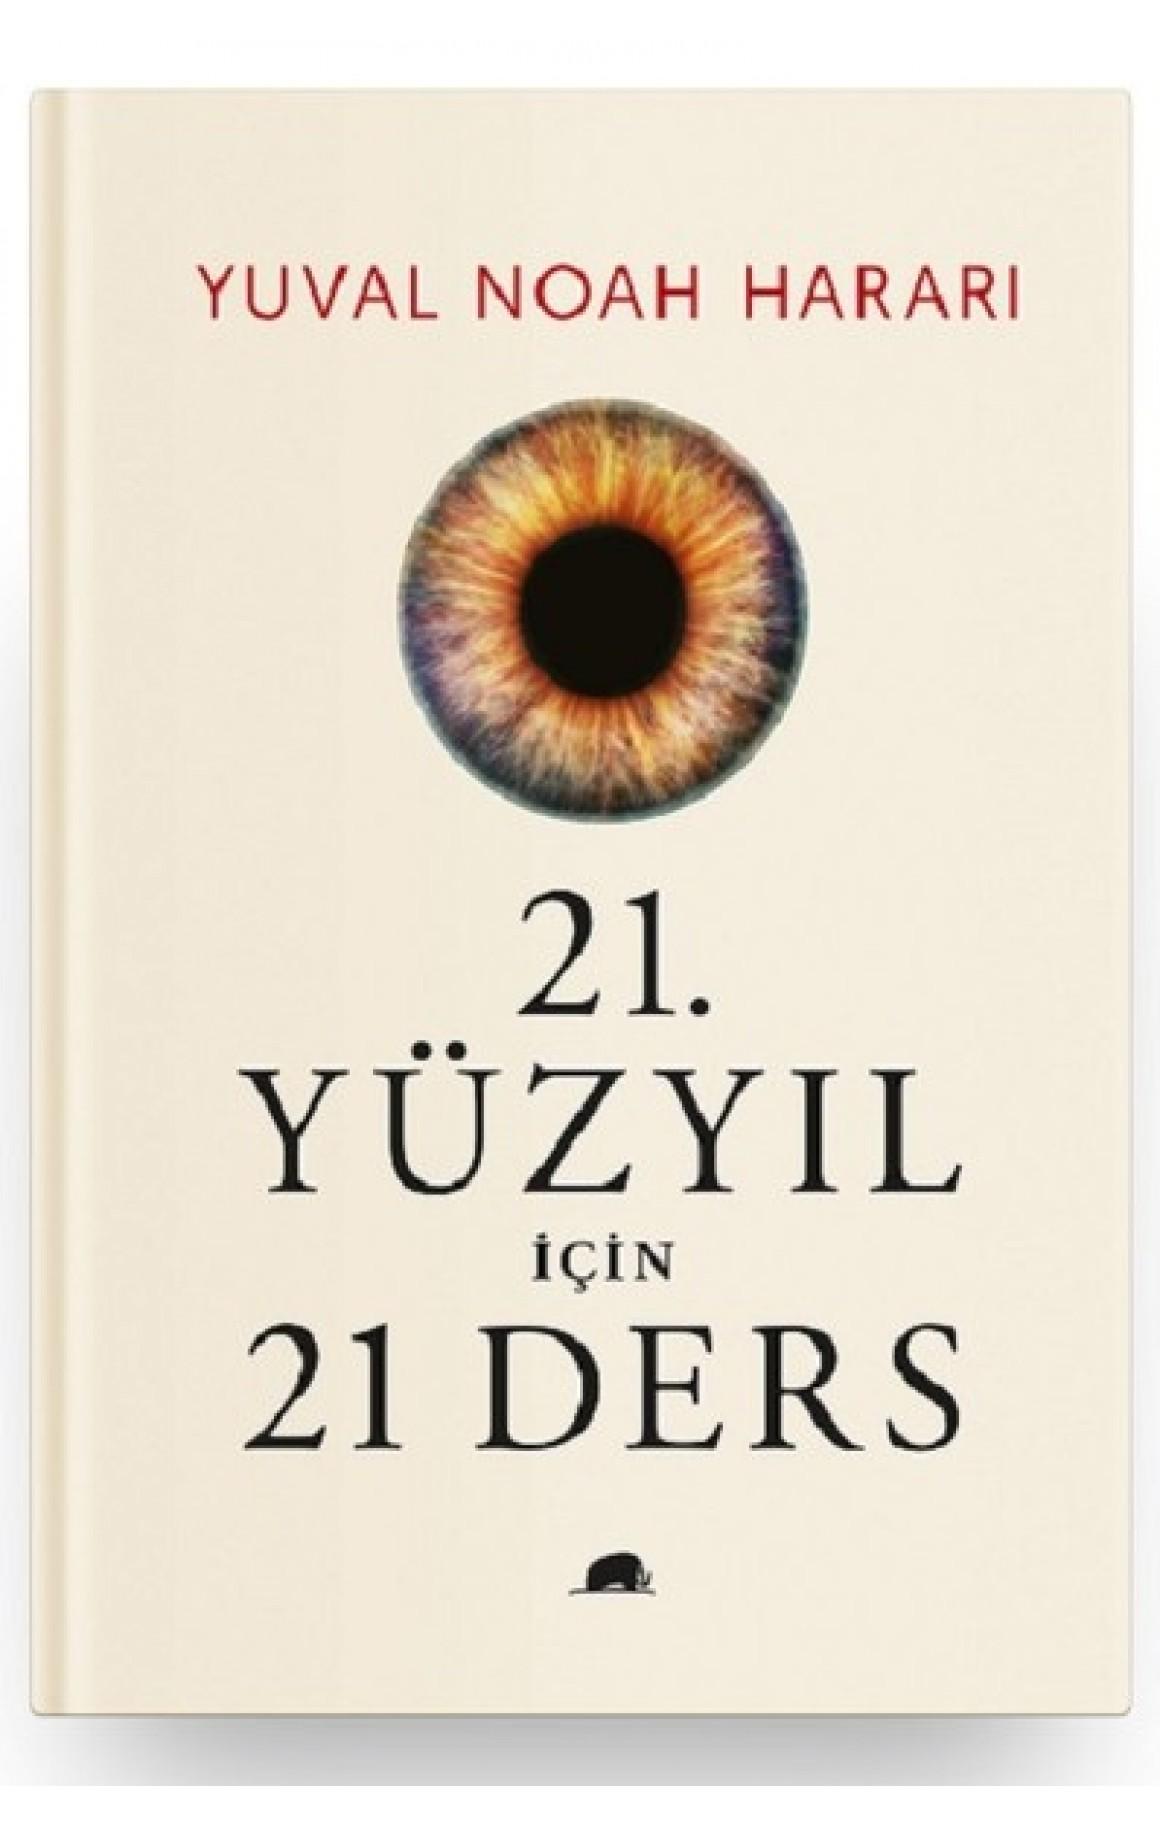 21. Yüzyıl için 21 Ders